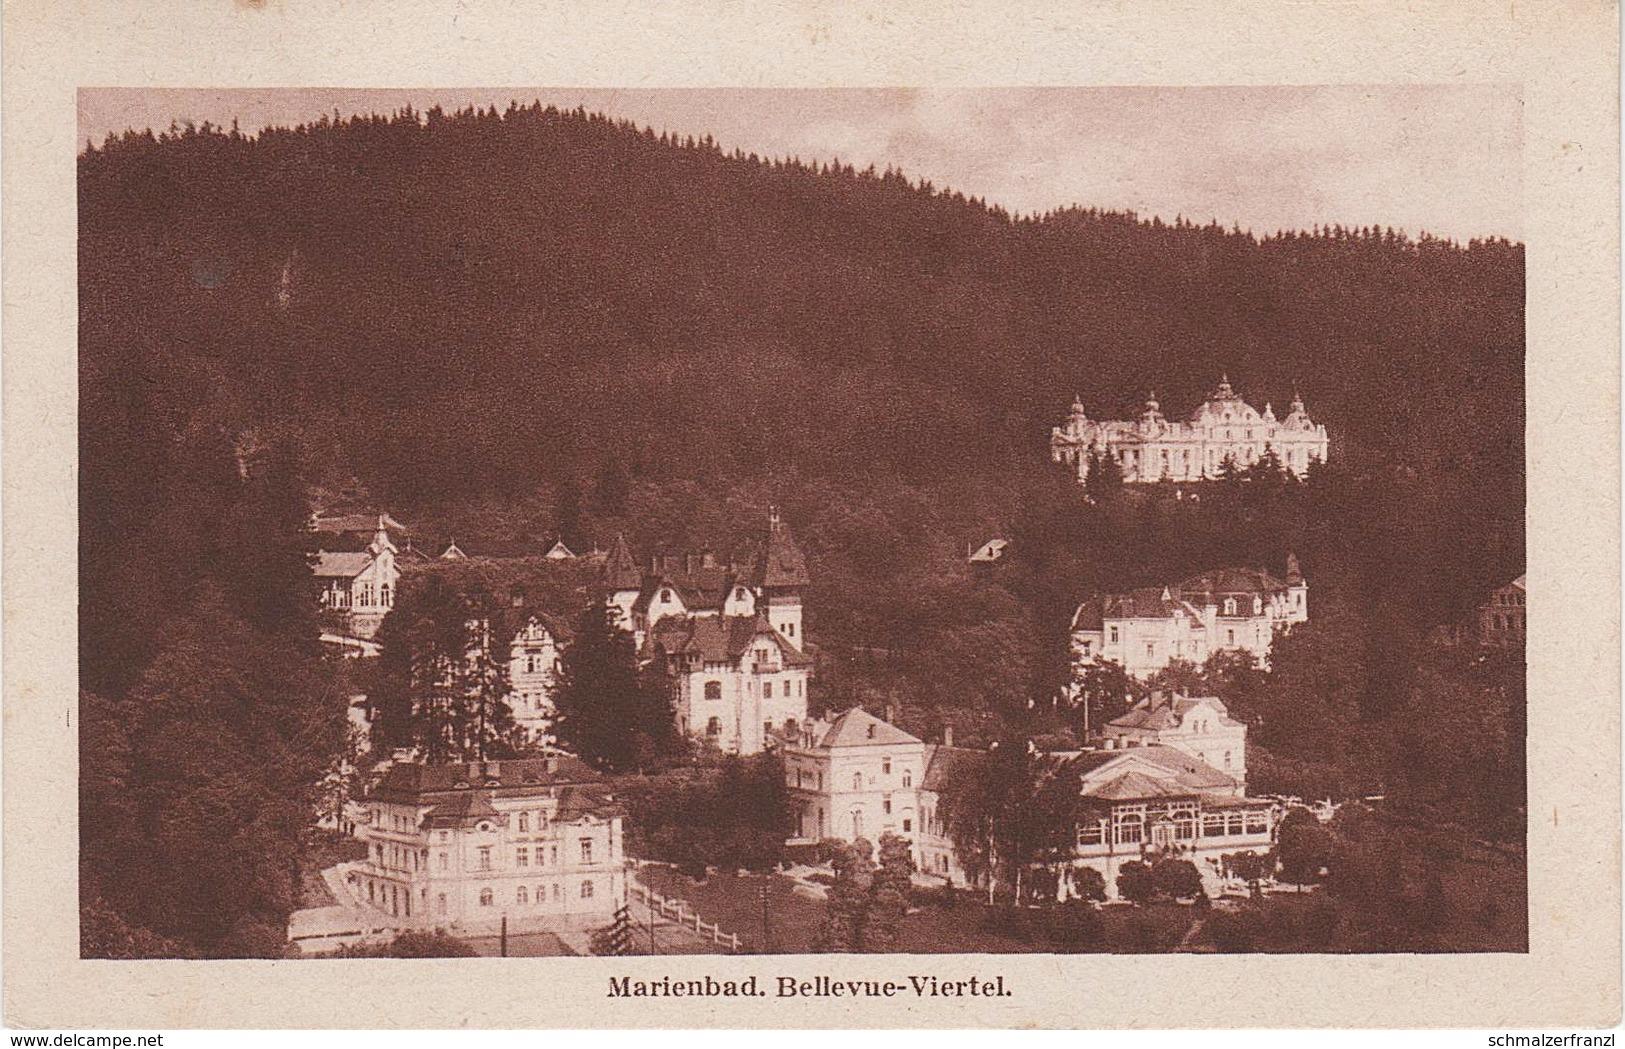 AK Marienbad Marianske Lazne Bellevue Viertel A Hammerhäuseln Glatzen Auschowitz Stanowitz Kuttnau Hohendorf Abaschin - Sudeten